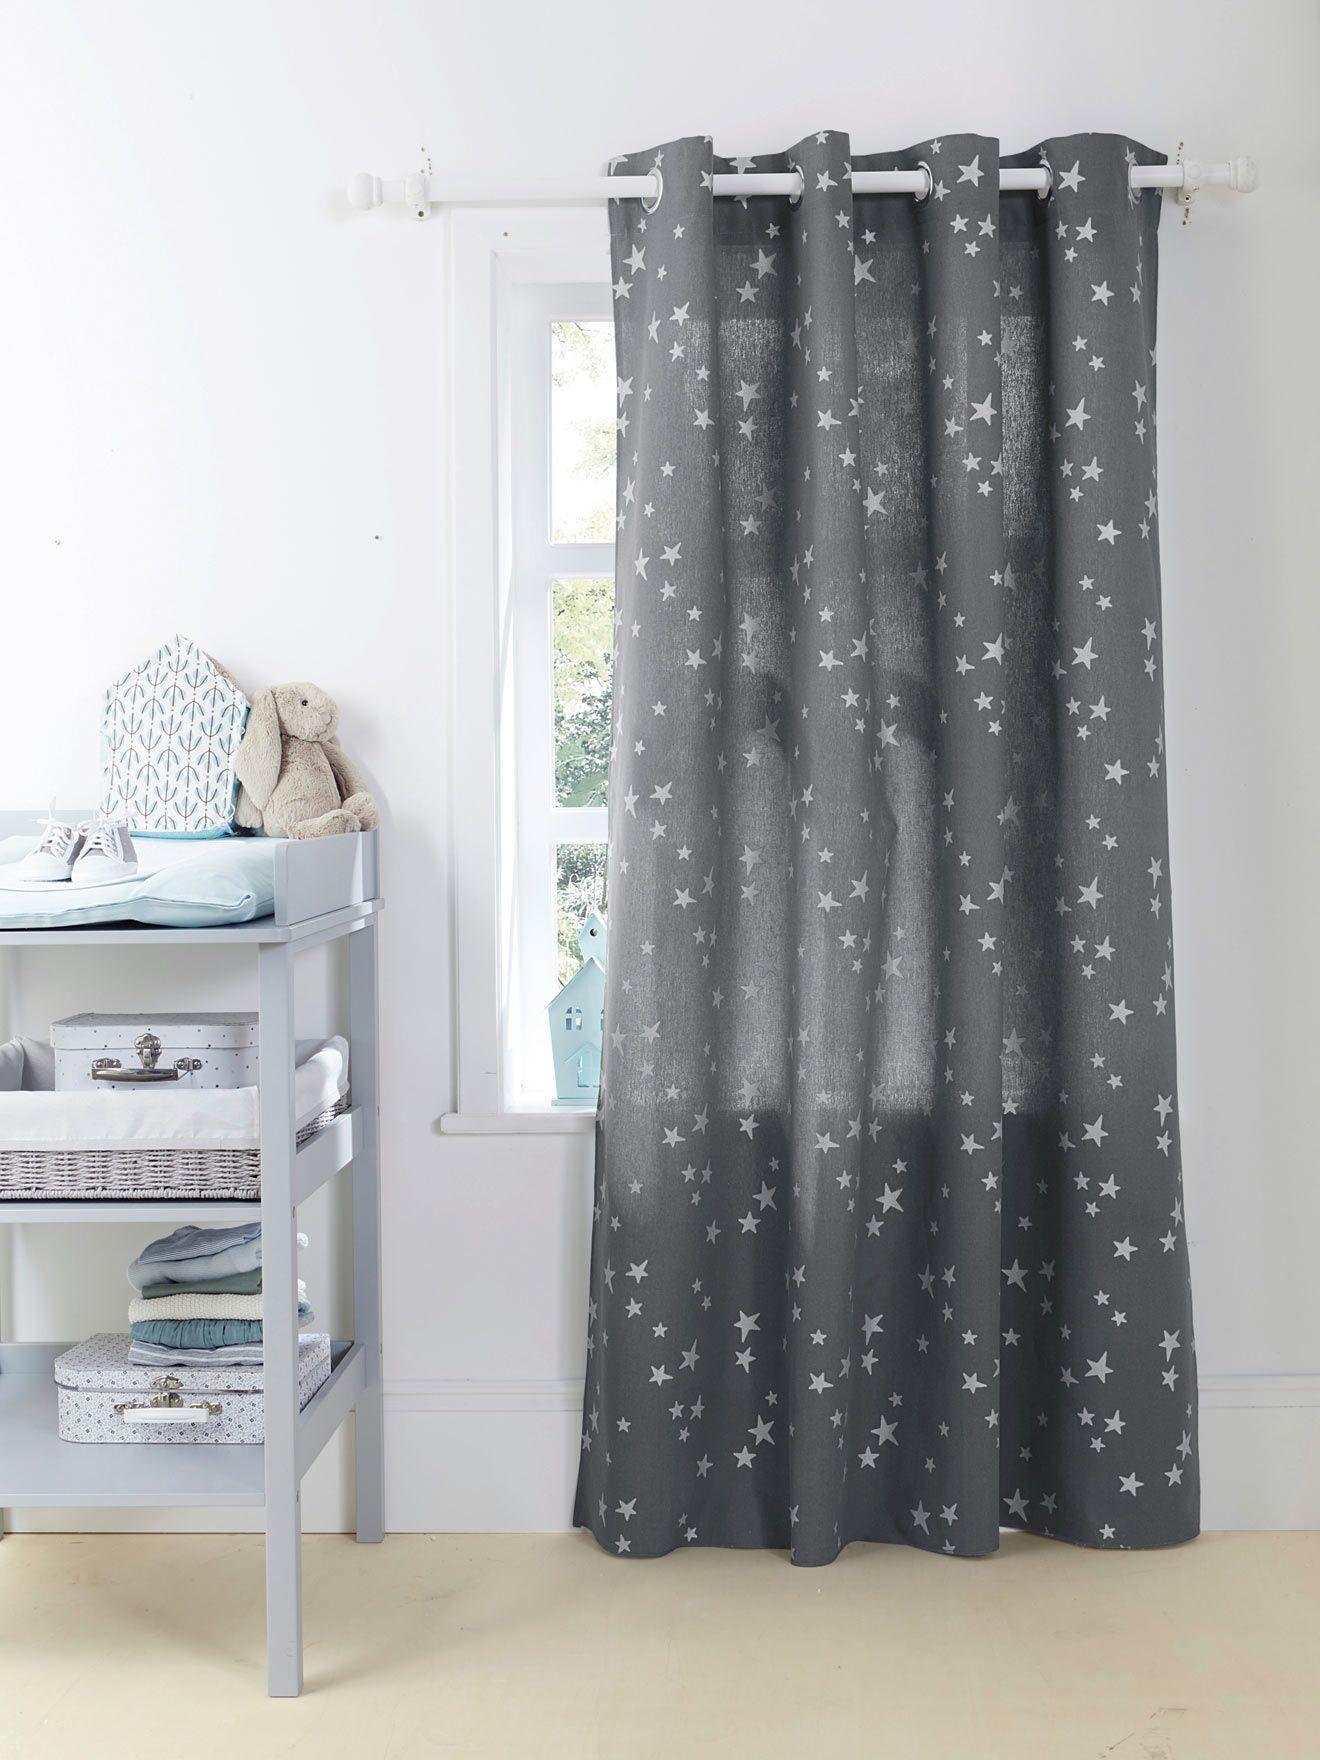 Rideau b¢chette étoiles imprimées Chambre et linge de lit